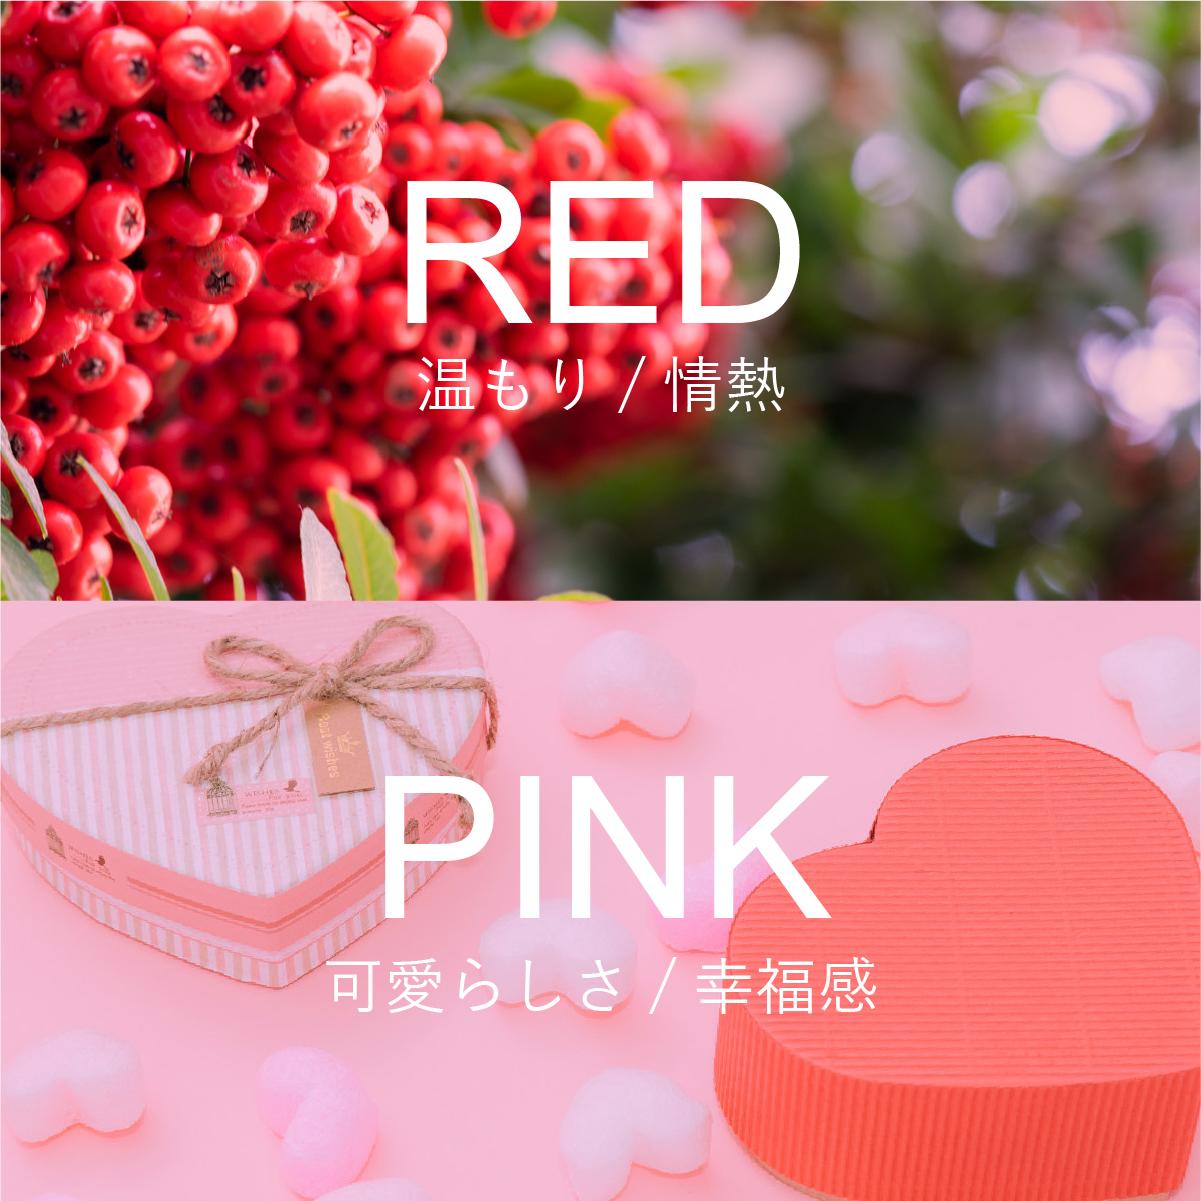 レッド・ピンク系カーテン